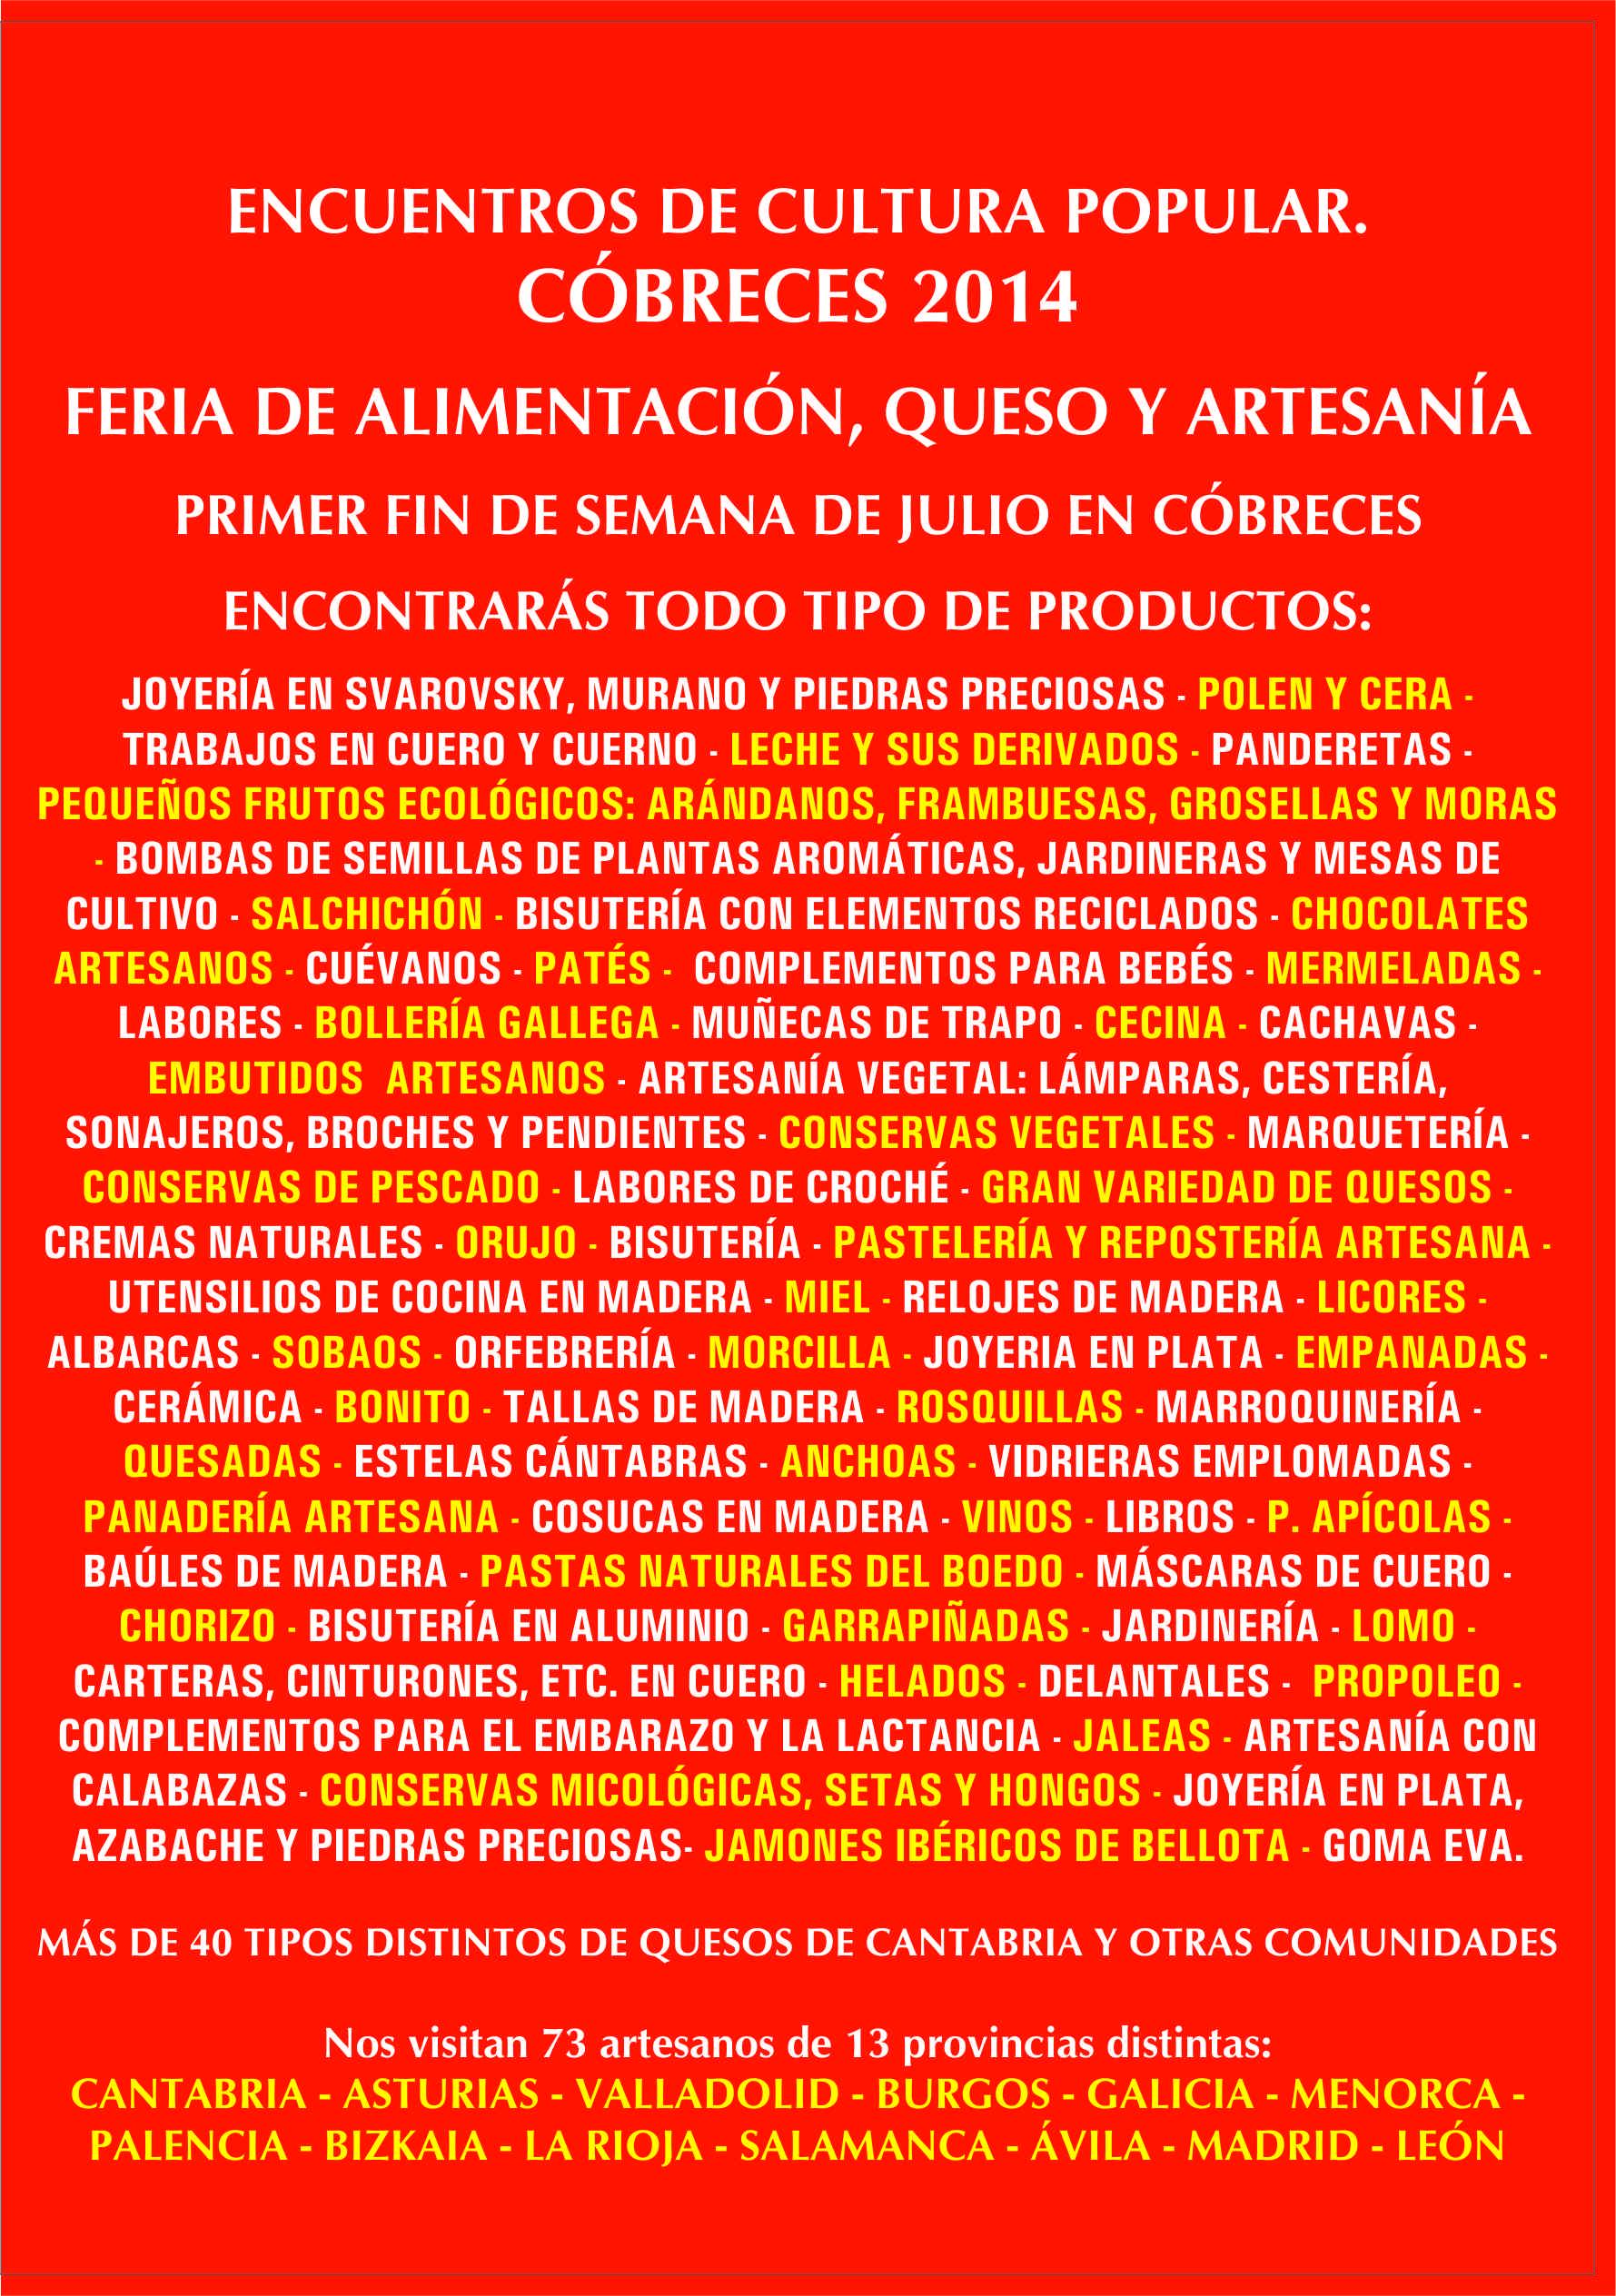 PRODUCTOS Y COMUNIDADES DE LA FERIA